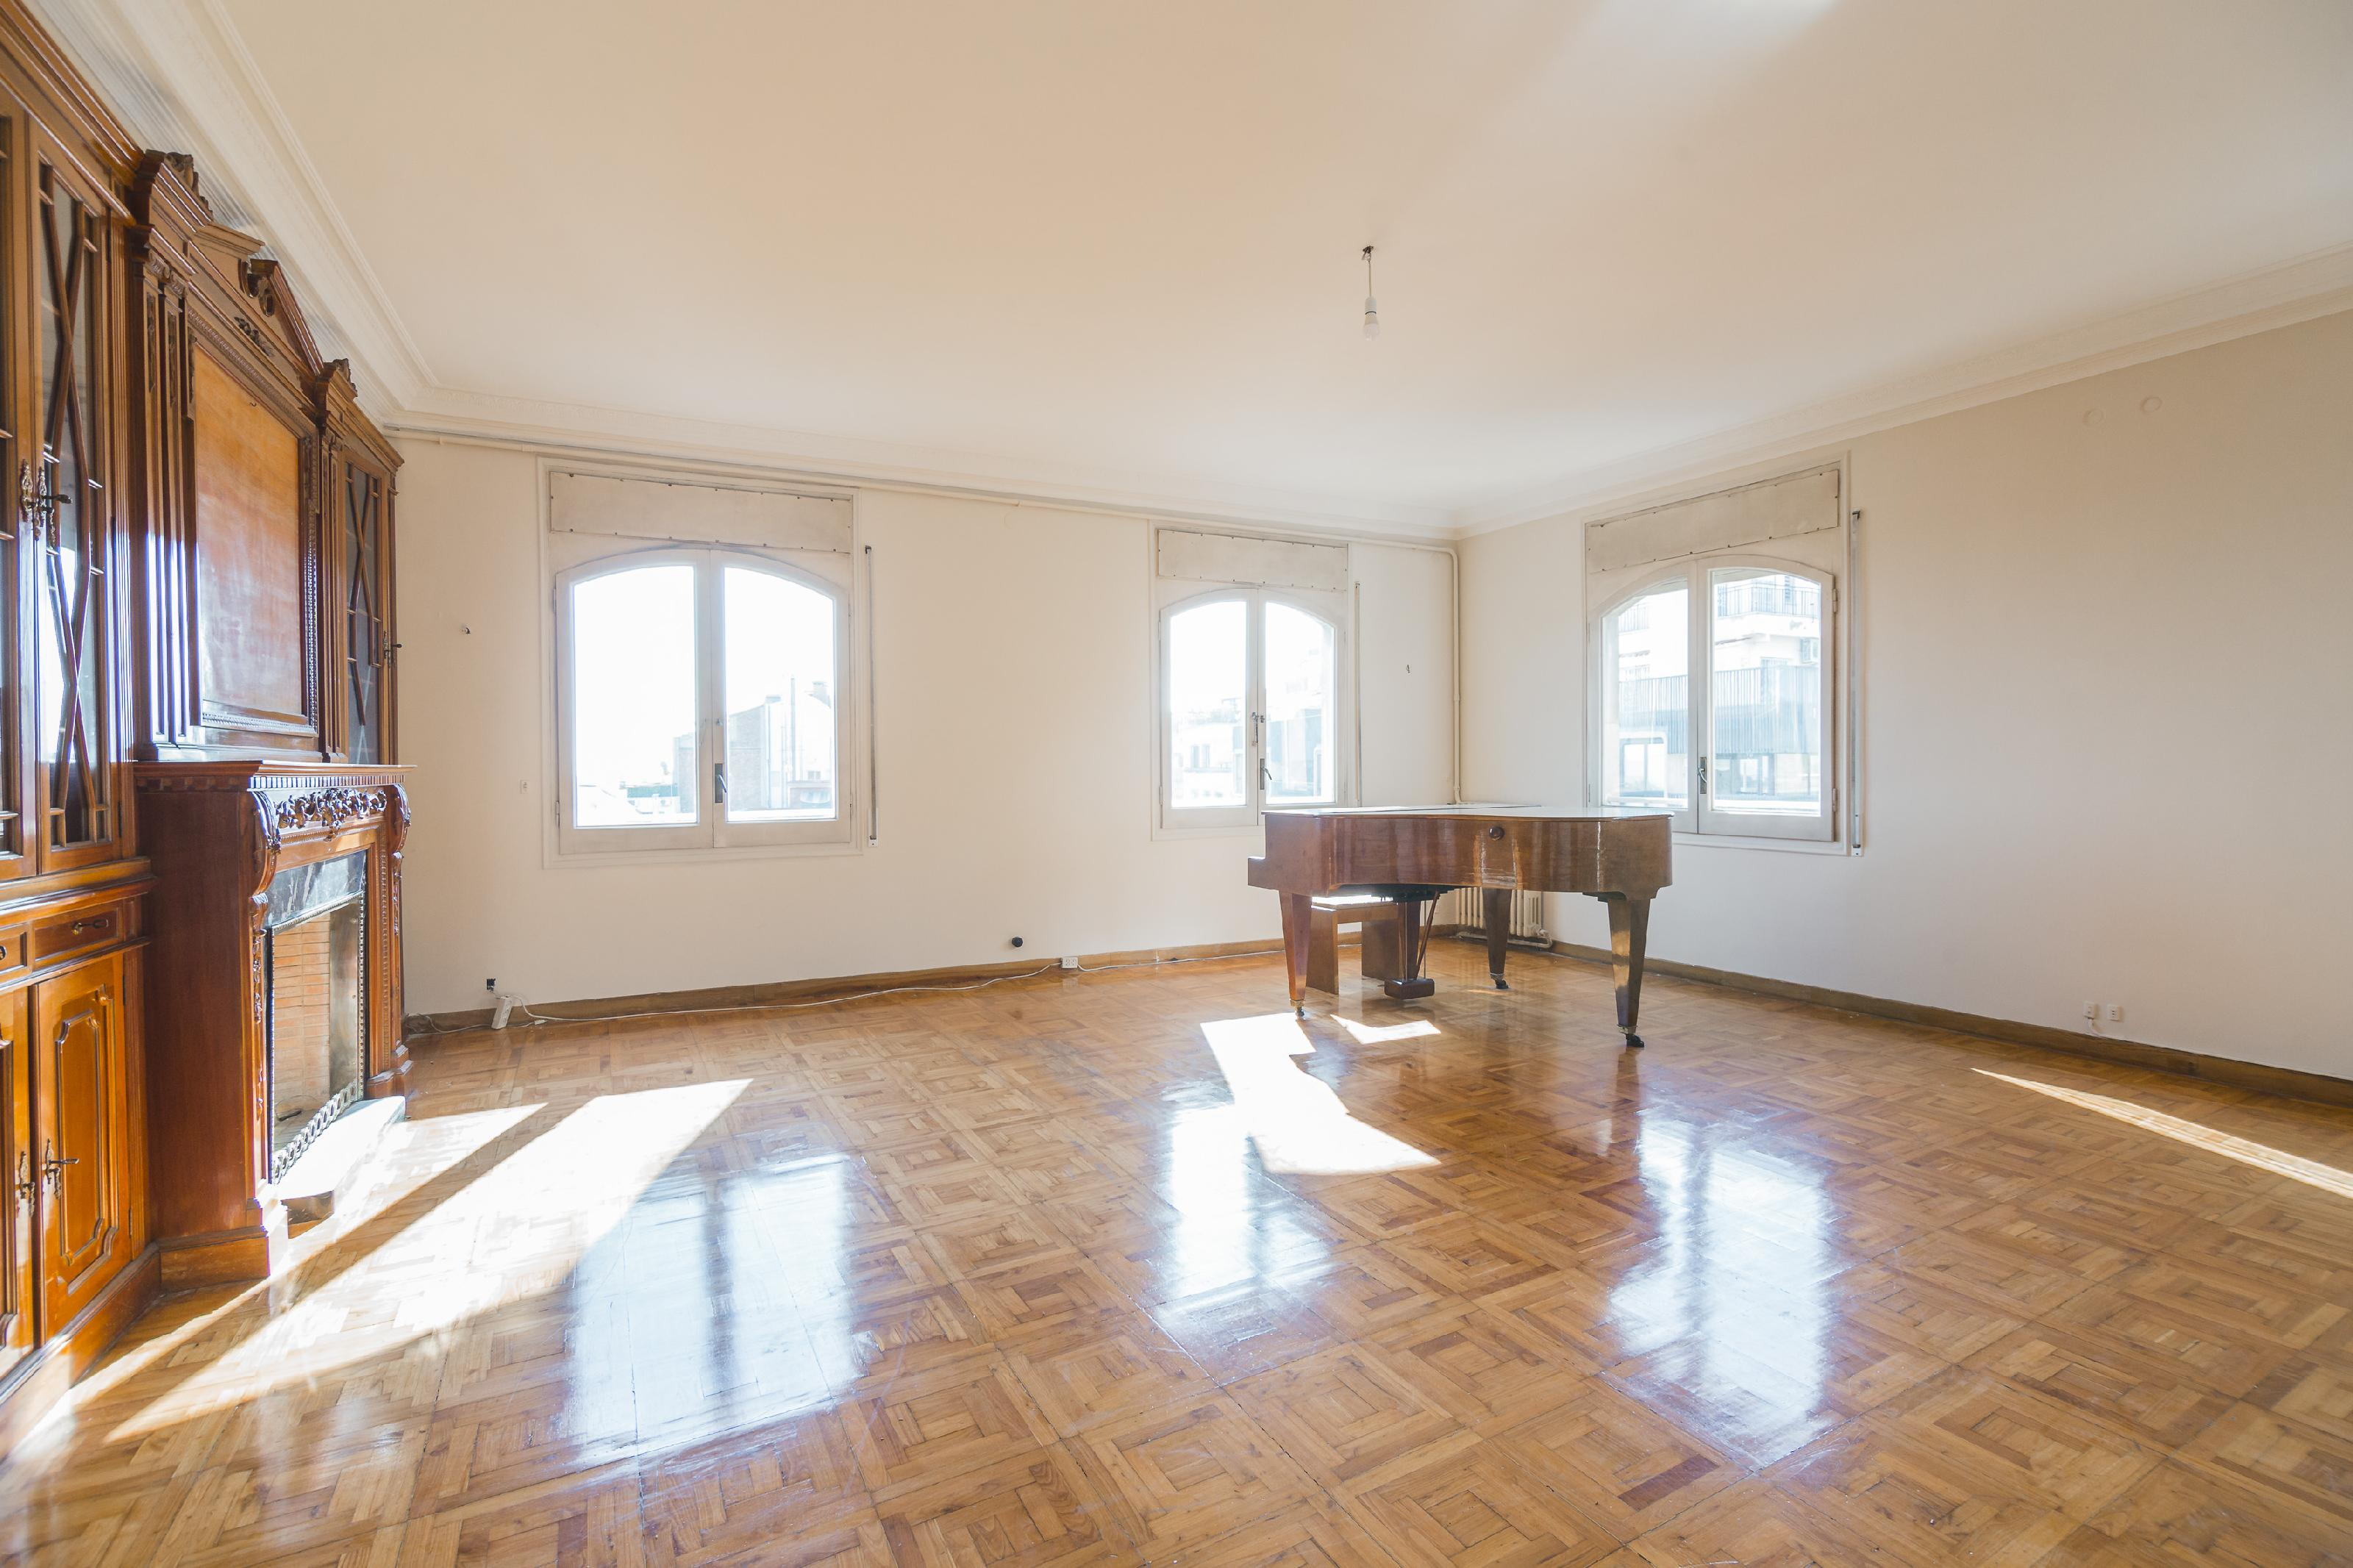 246643 Penthouse for sale in Sarrià-Sant Gervasi, St. Gervasi-Bonanova 11